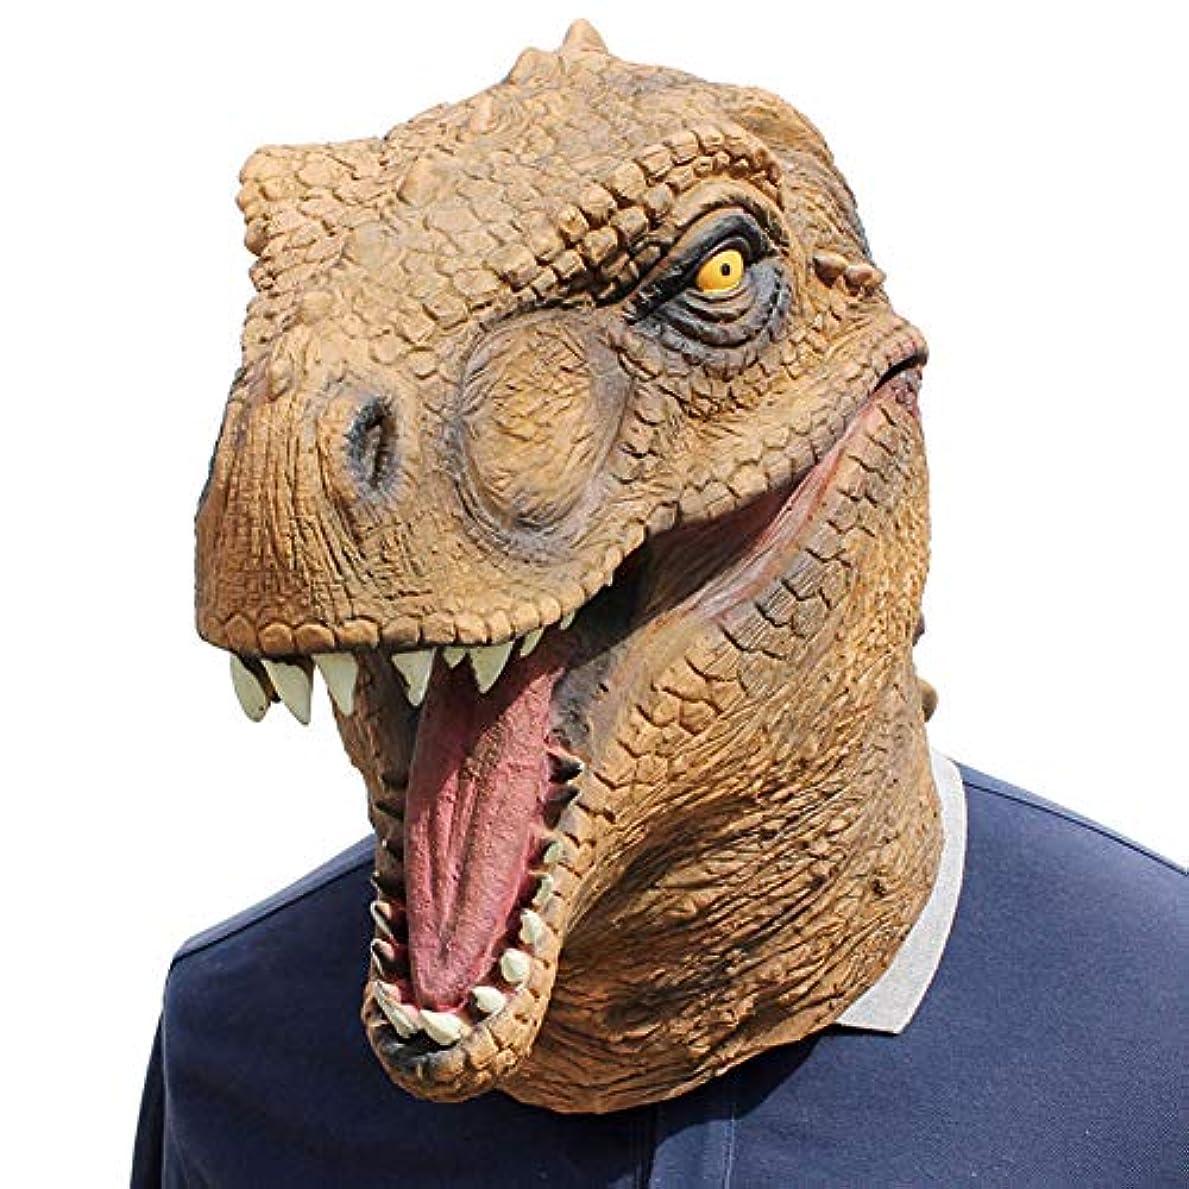 即席純粋なおそらくハロウィーンマスク、恐竜ラテックスマスク、ハロウィーン、テーマパーティー、カーニバル、レイブパーティー、バー、小道具。